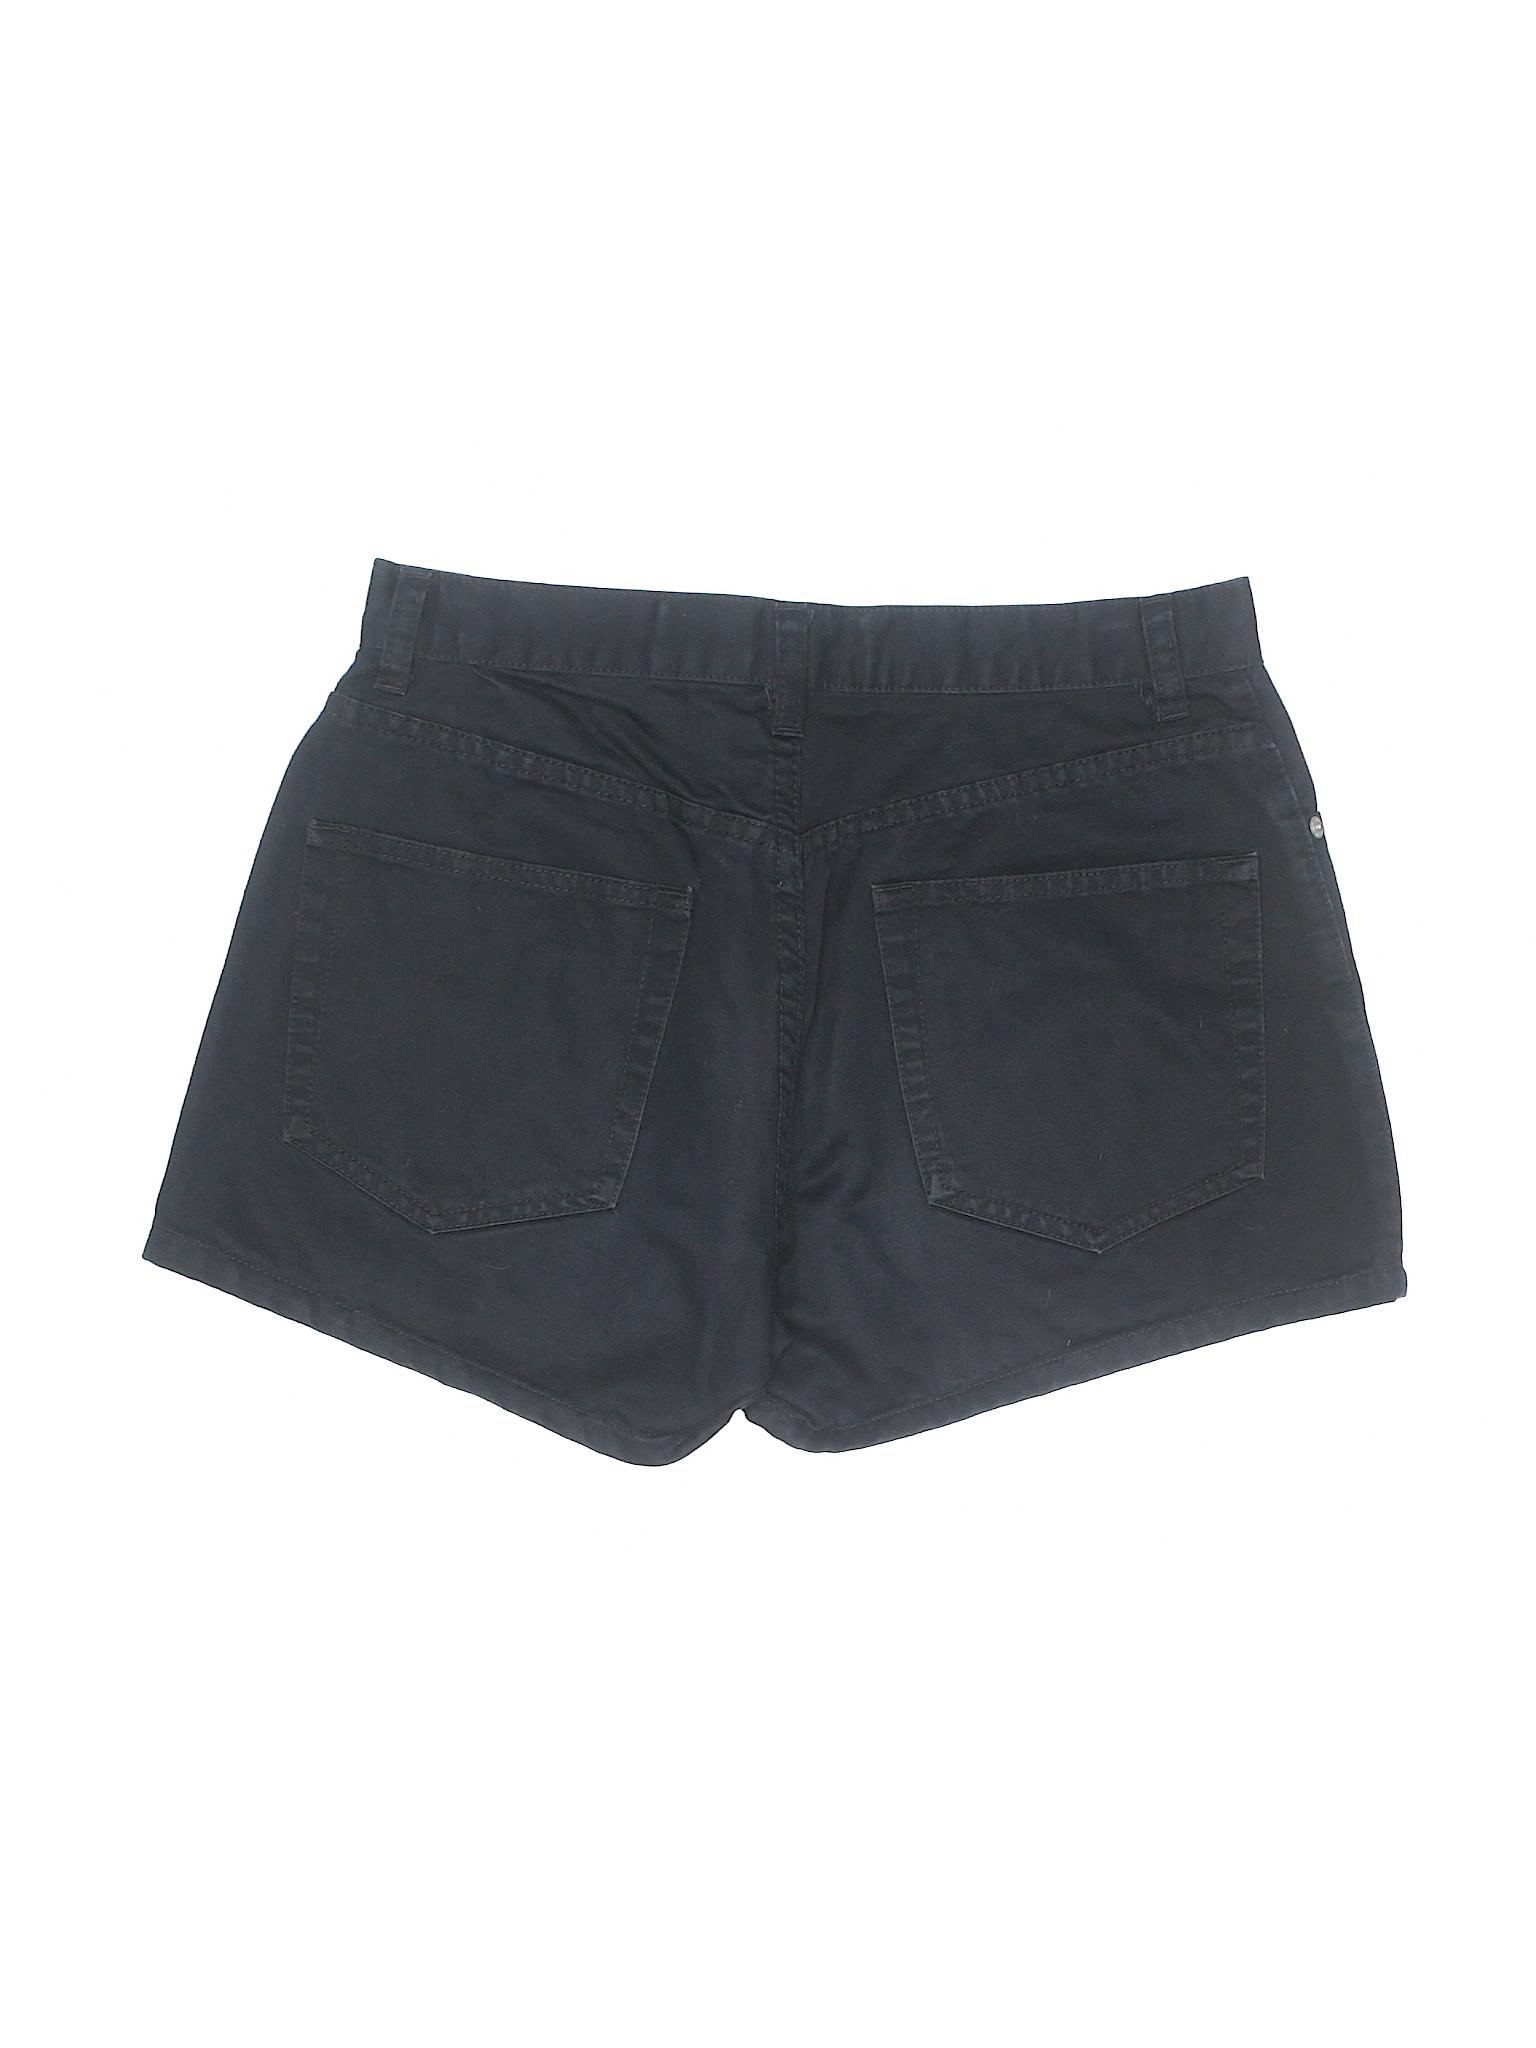 Shorts Gap winter Denim Denim winter Leisure Gap Leisure Leisure Shorts nqIZ66B